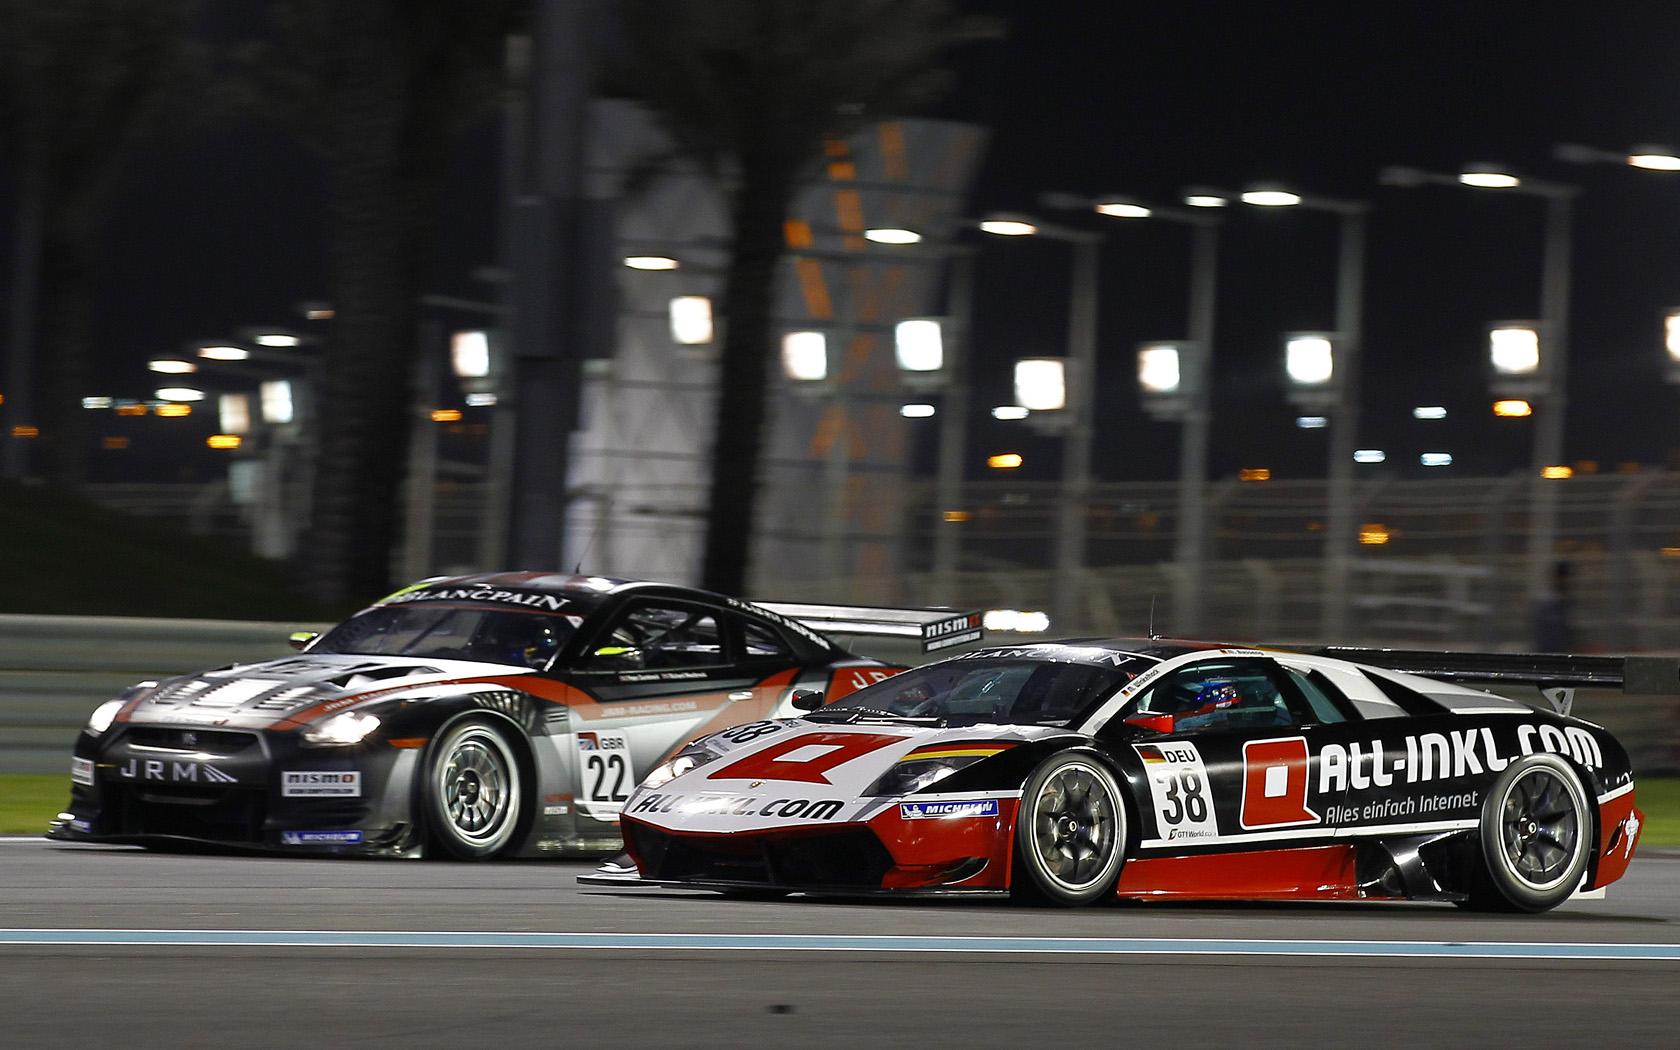 JR Motorsports Nissan GT-R & All-Inkl.com Lamborghini Murcielago 670 R